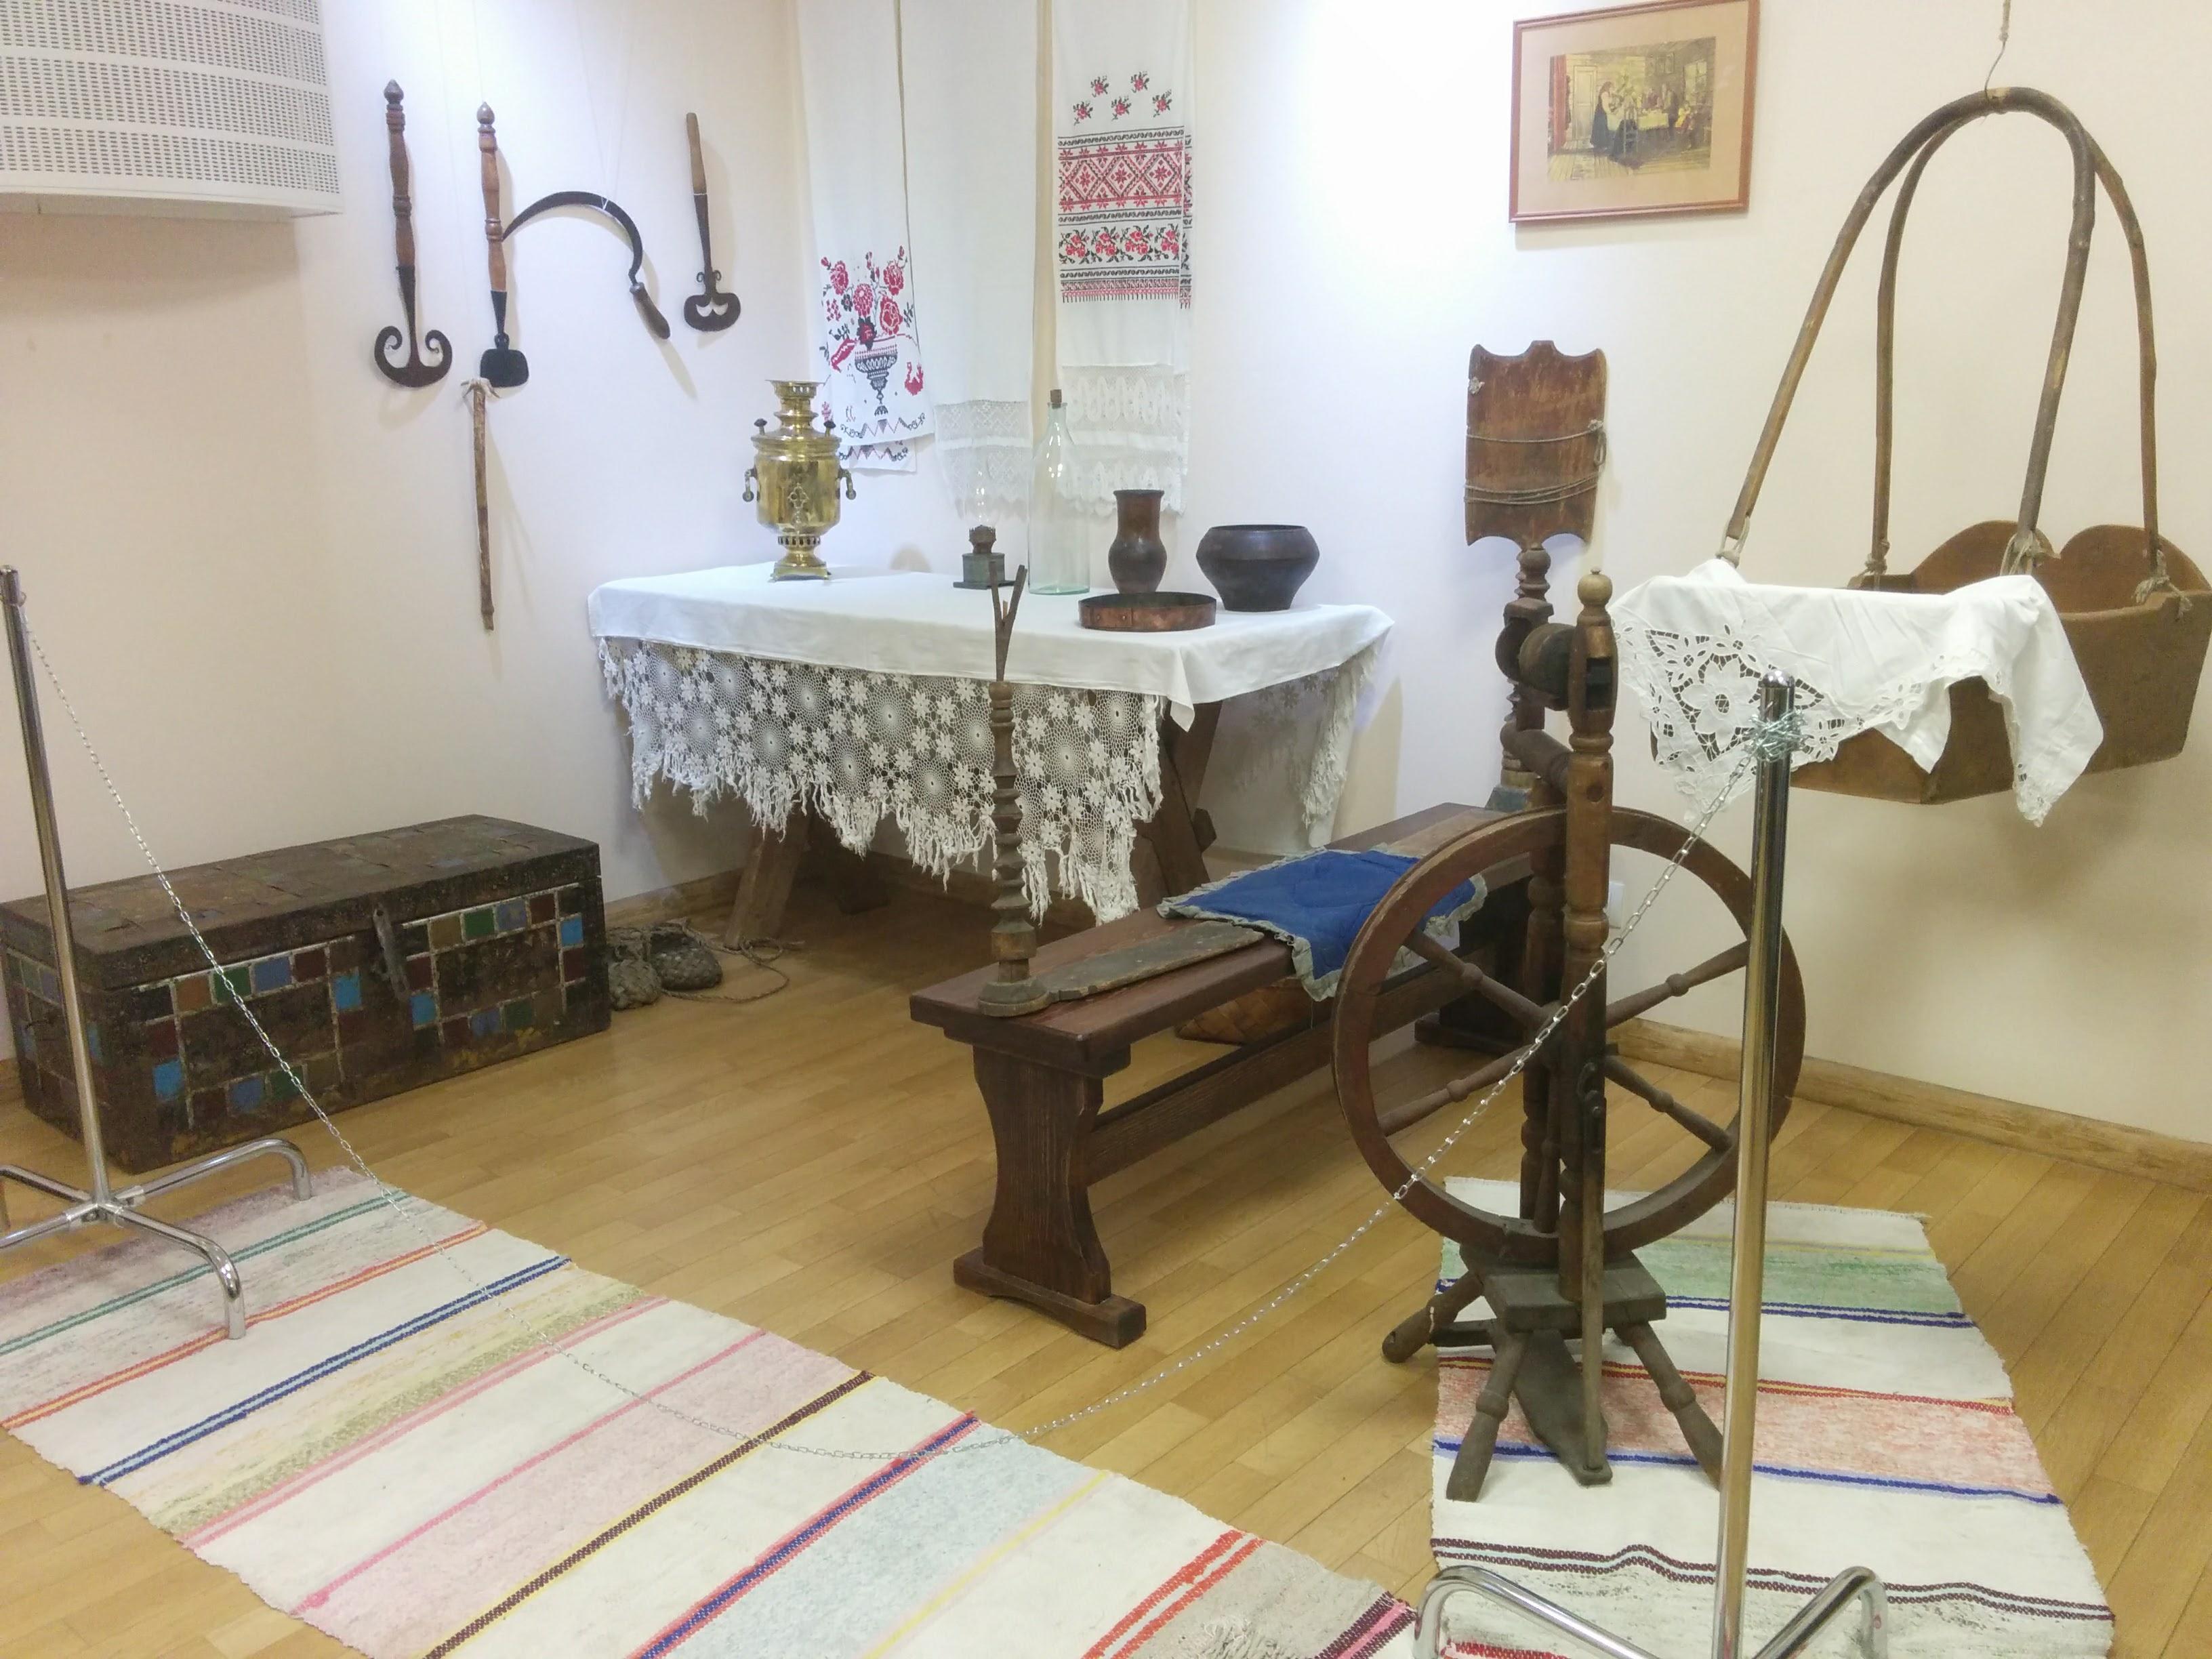 Культура Востока: в Музее истории Хабаровска открылись две новые выставки